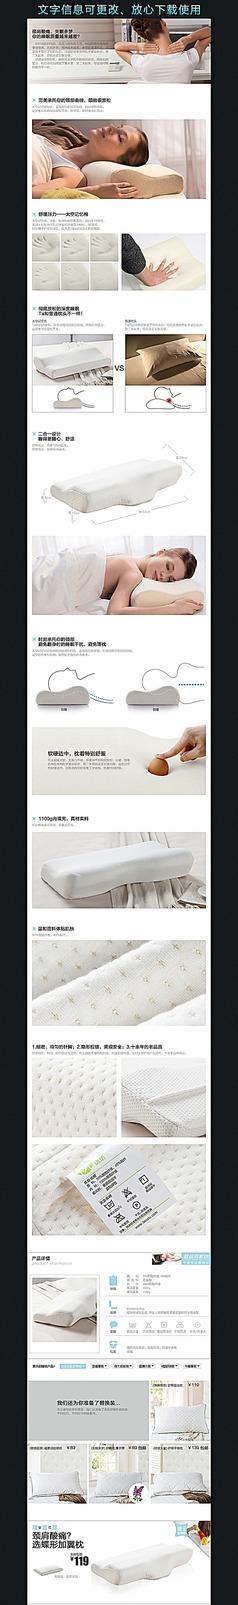 淘宝枕头详情页细节描述PSD素材模板